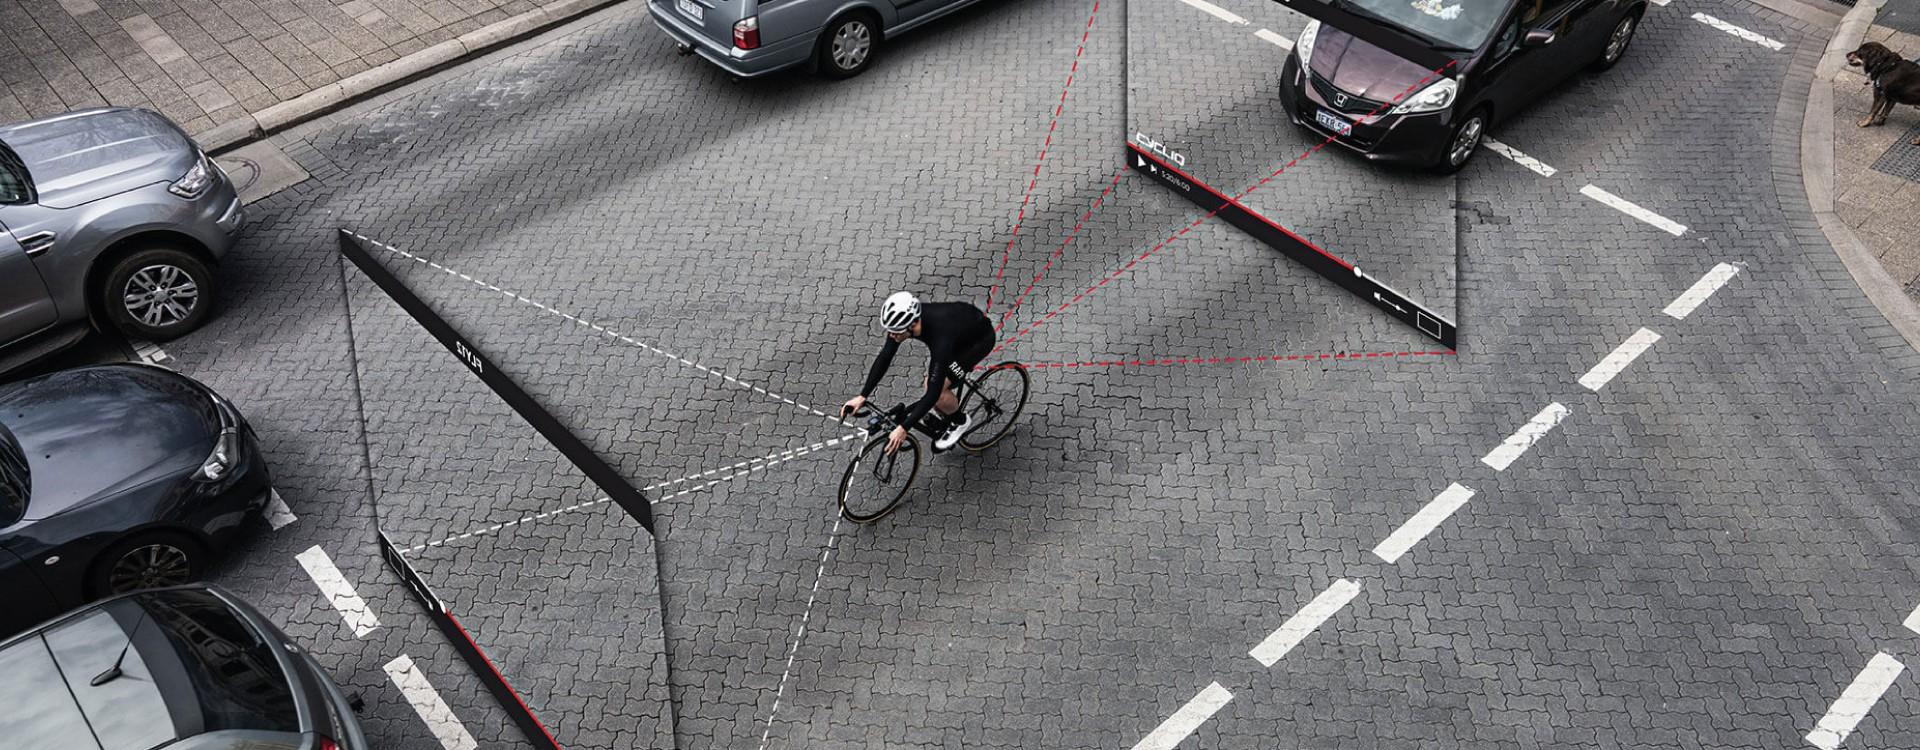 Graba todo lo que pasa a tu alrededor mientras montas en bicicleta